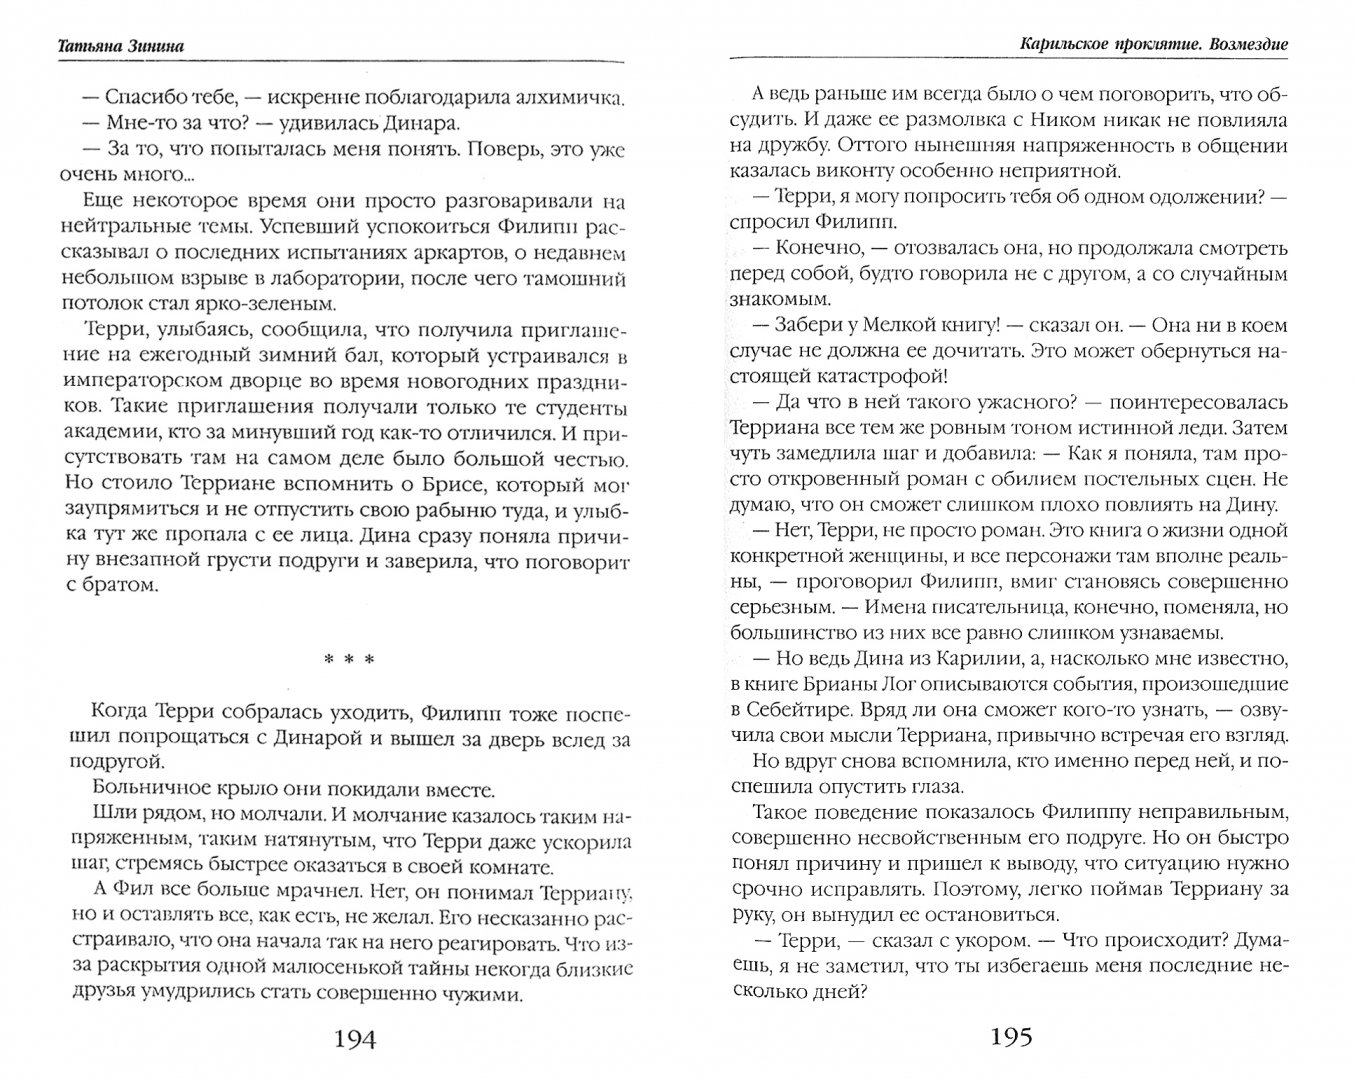 Иллюстрация 1 из 16 для Карильское проклятие. Возмездие - Татьяна Зинина | Лабиринт - книги. Источник: Лабиринт